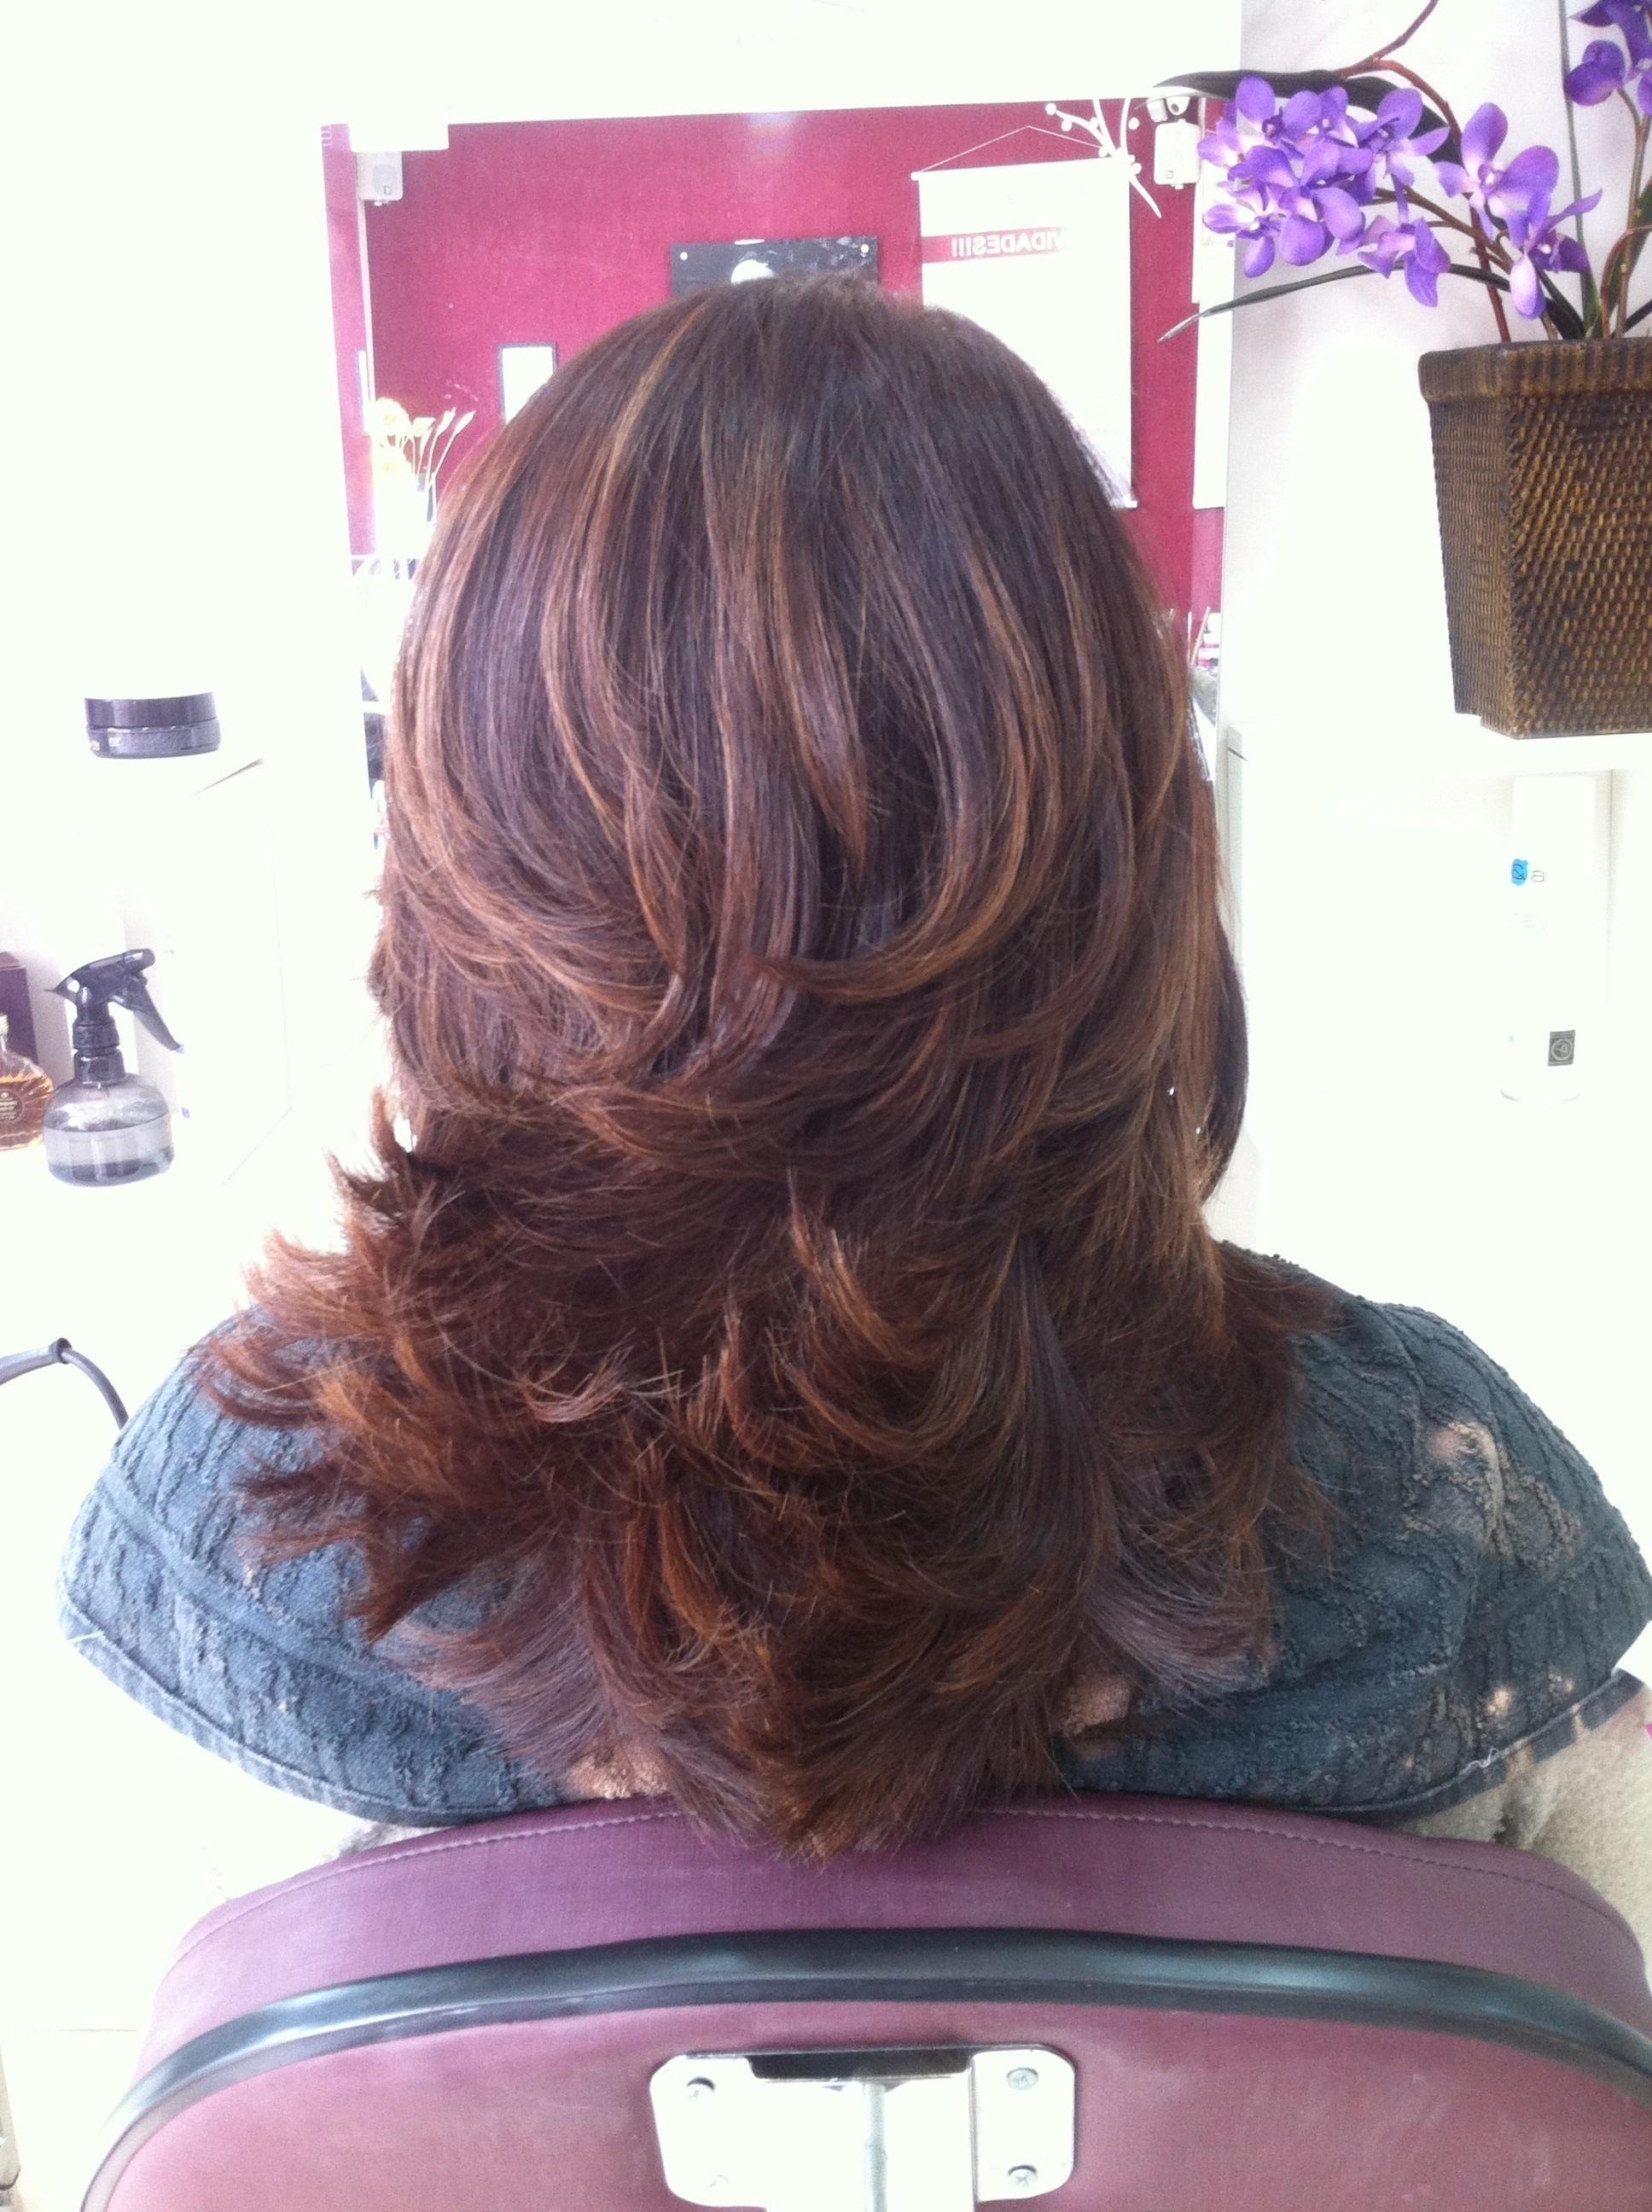 #iluminada #canelatostada #camadaselegantes cabelo stylist / visagista